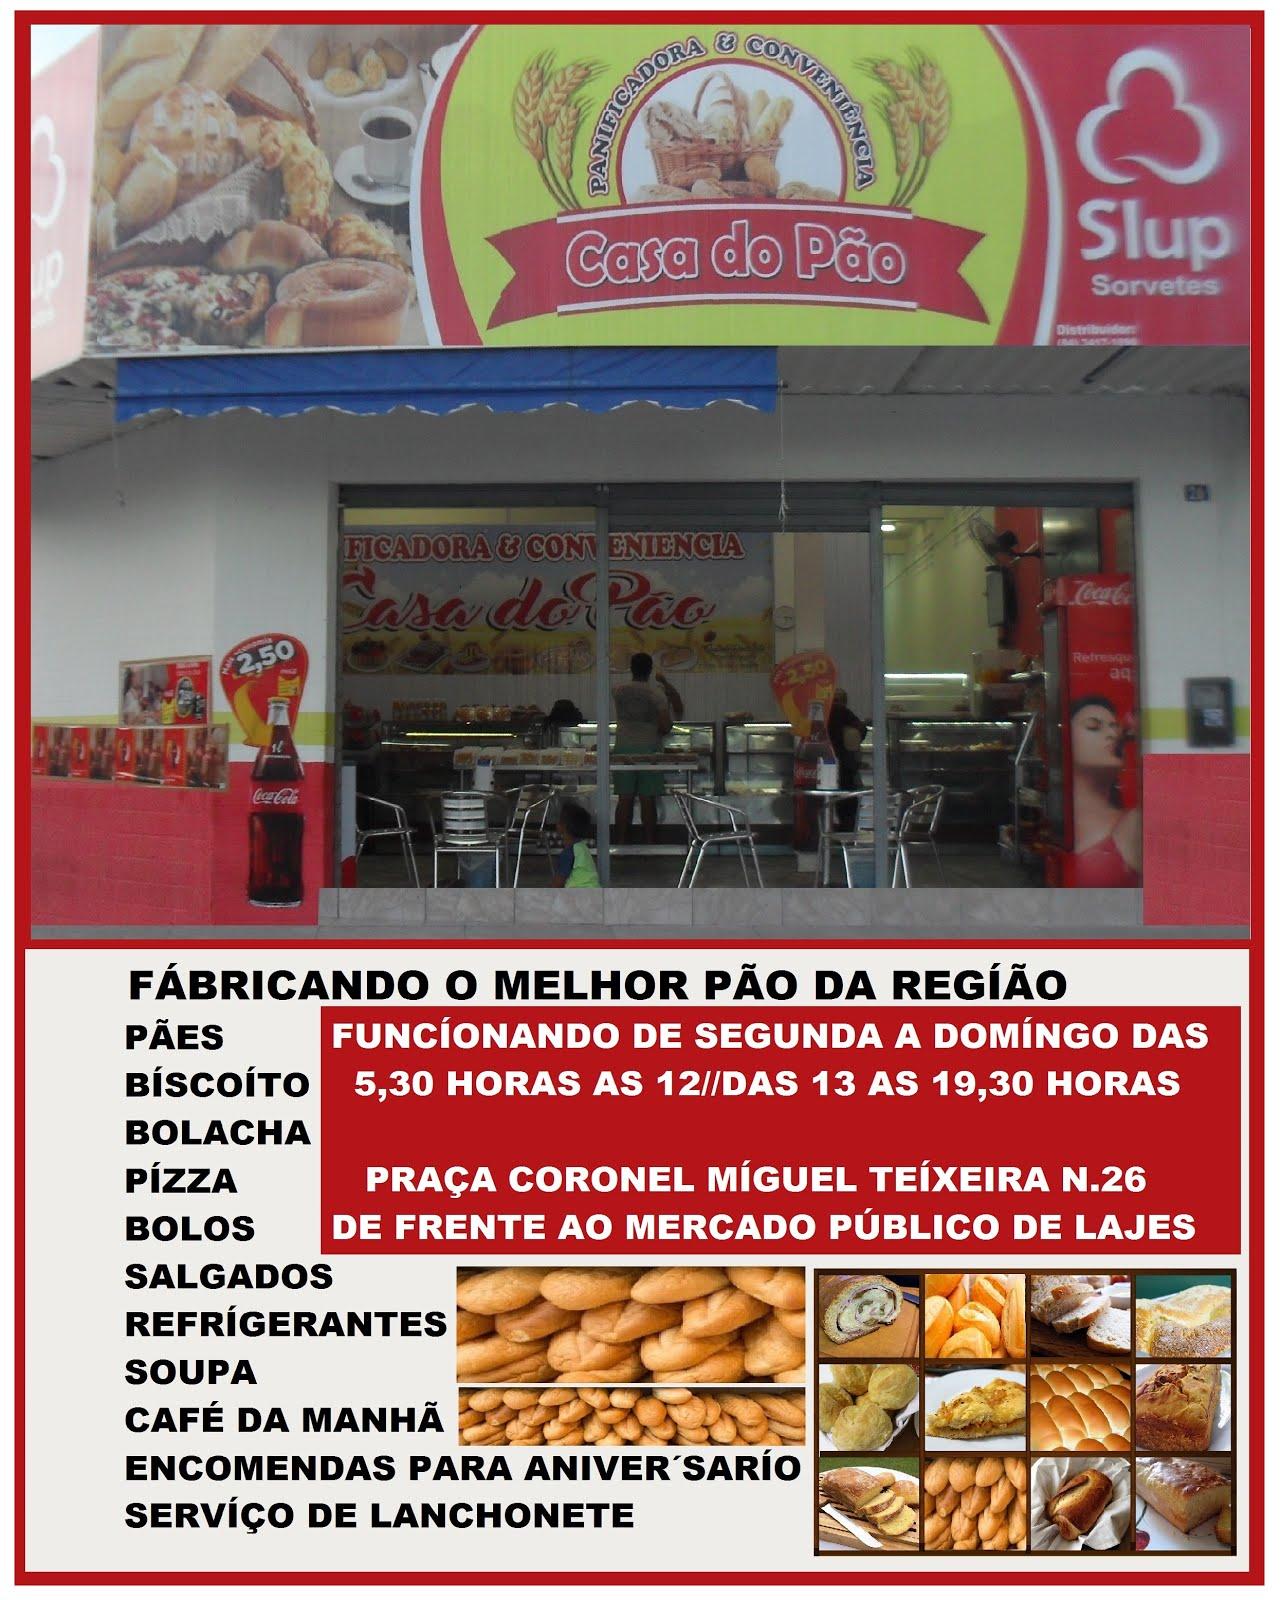 PANIFICADORA E CONVENIÊNCIA CASA DO PÃO LAJES RN